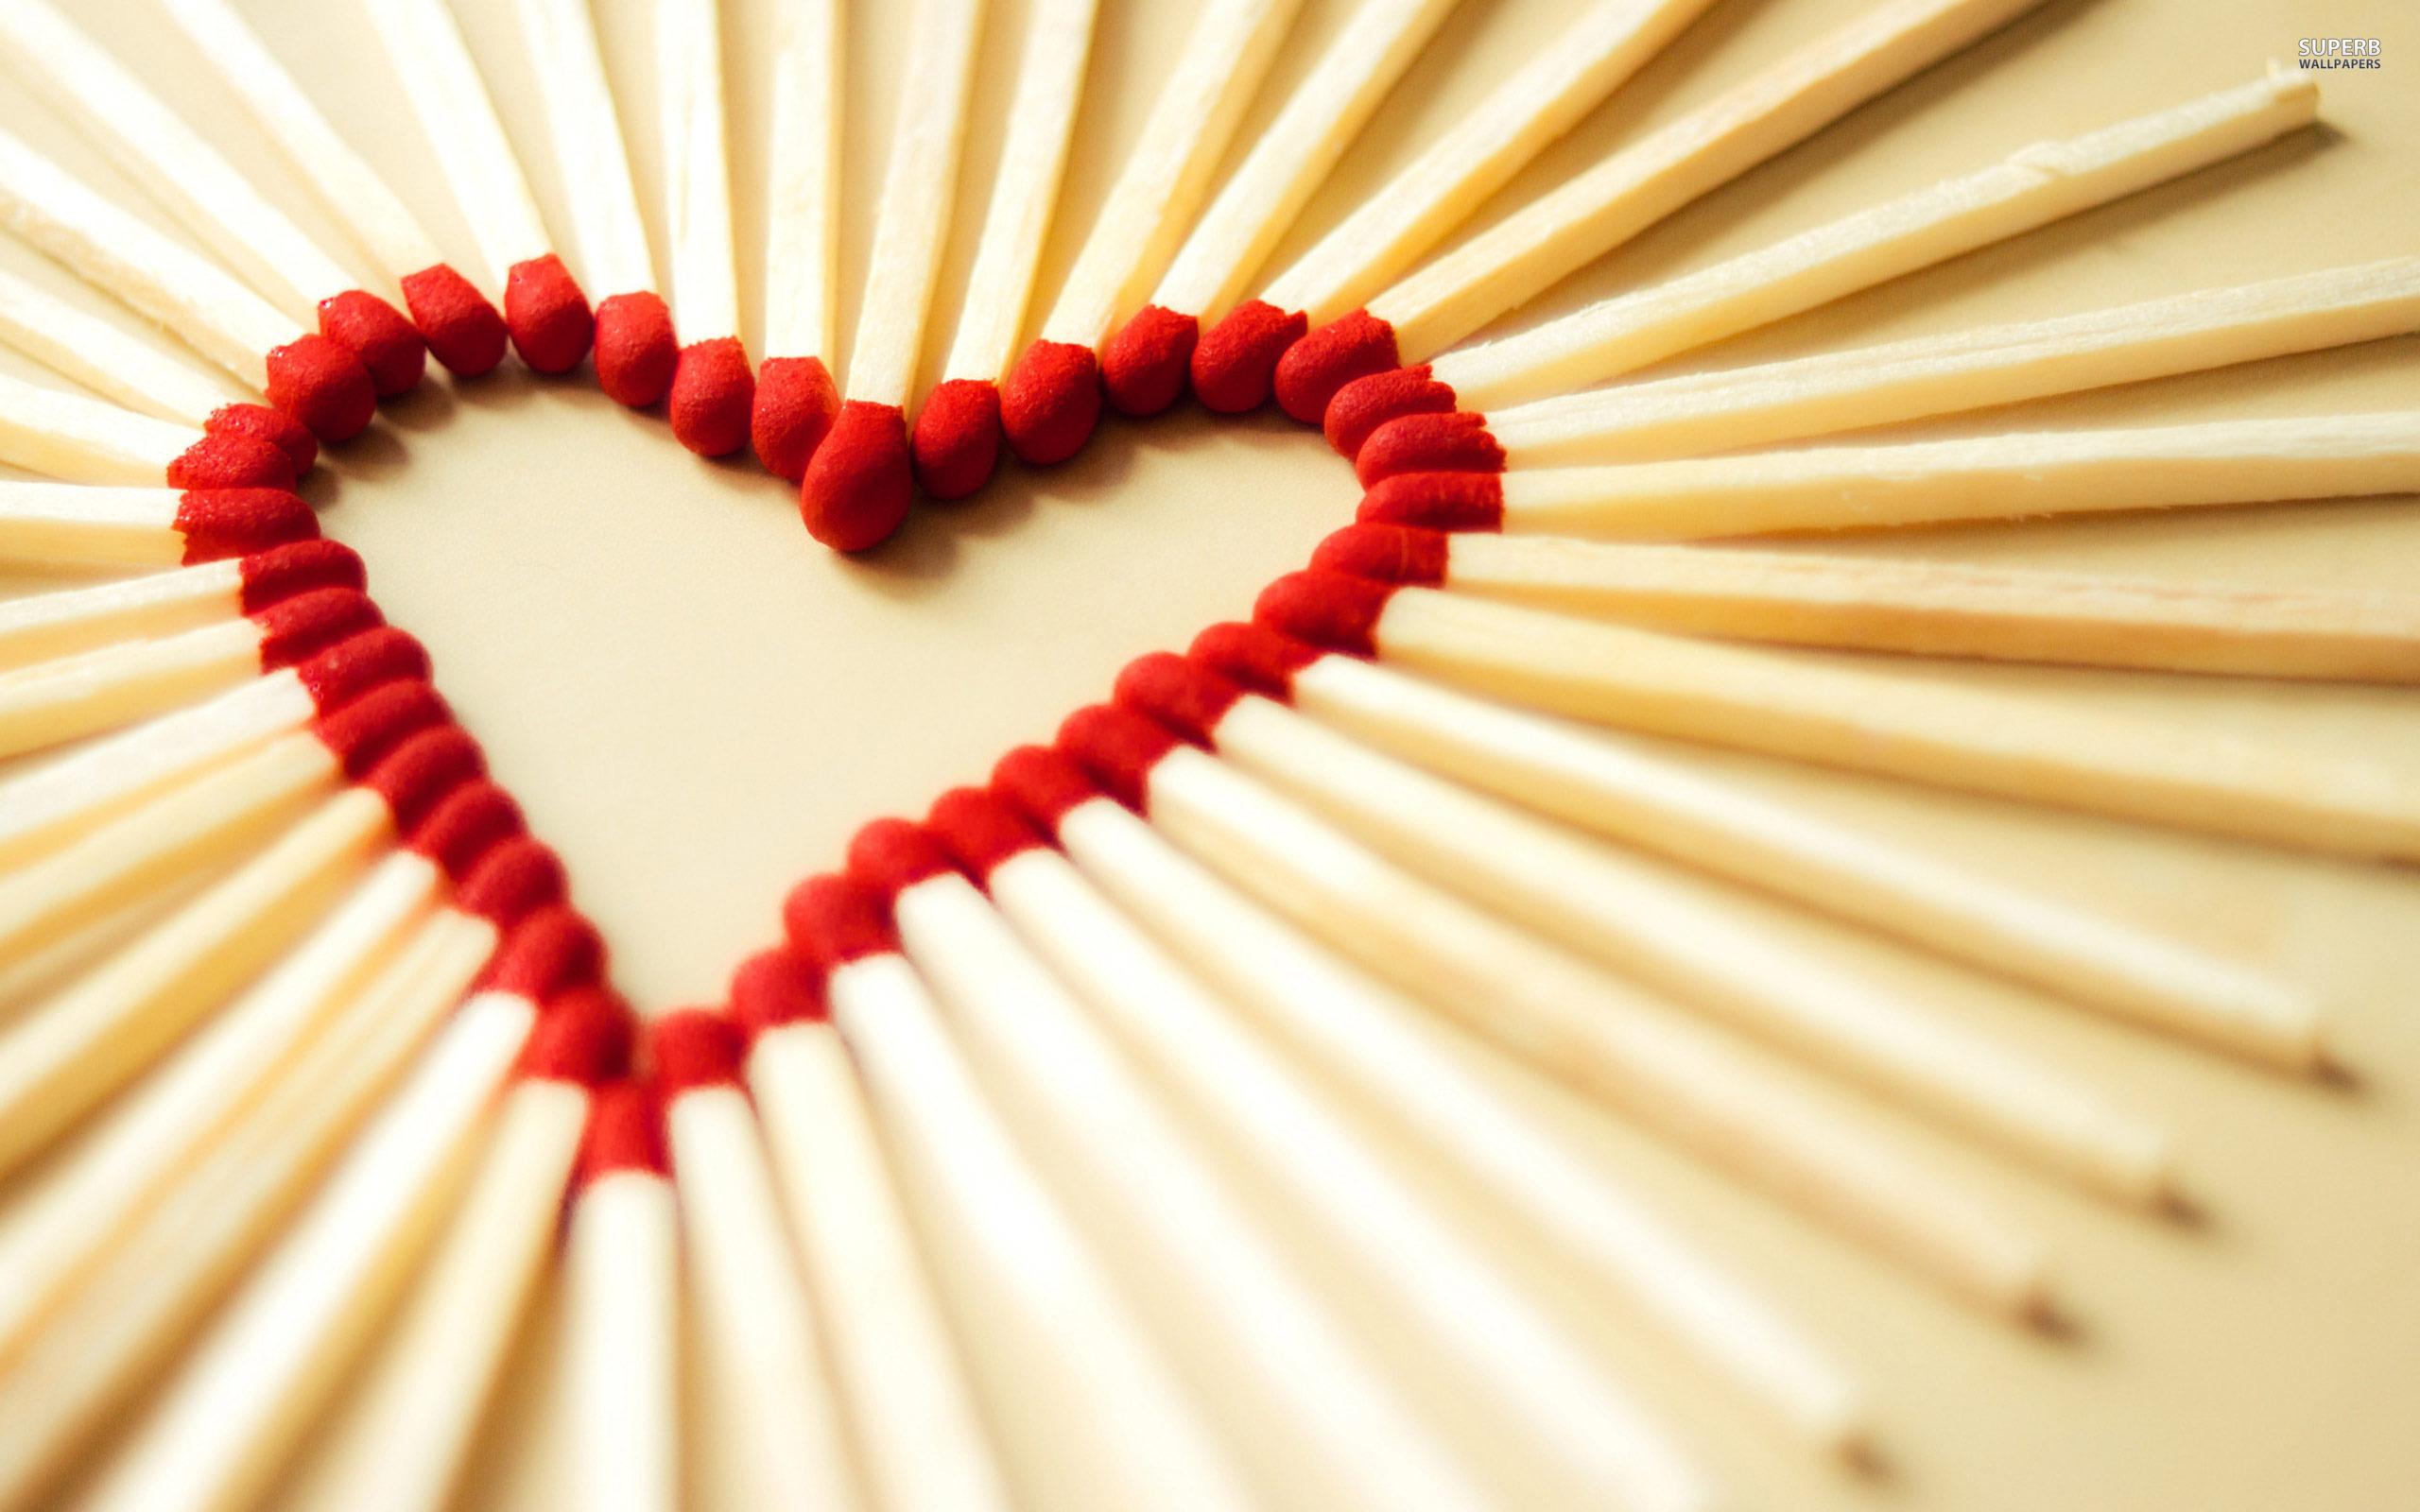 Matches Heart Wallpaper